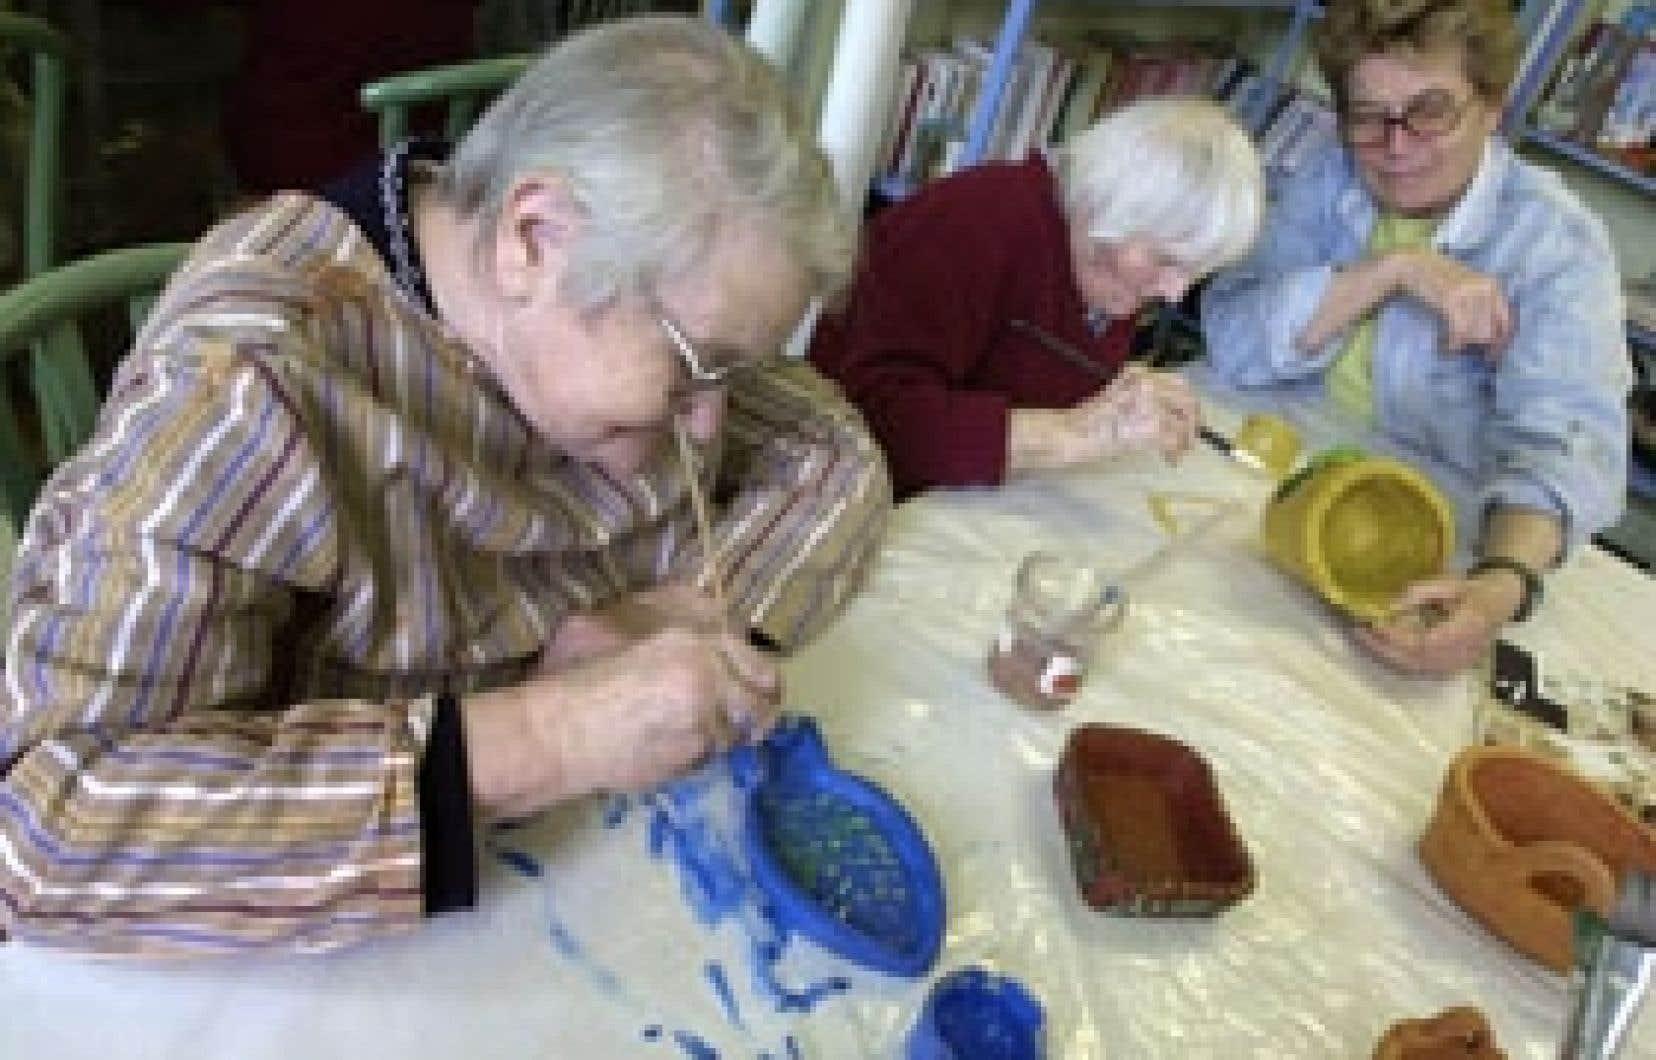 Bien que satisfaites des services, les personnes âgées vivant en institution souffrent du manque de continuité des soins.